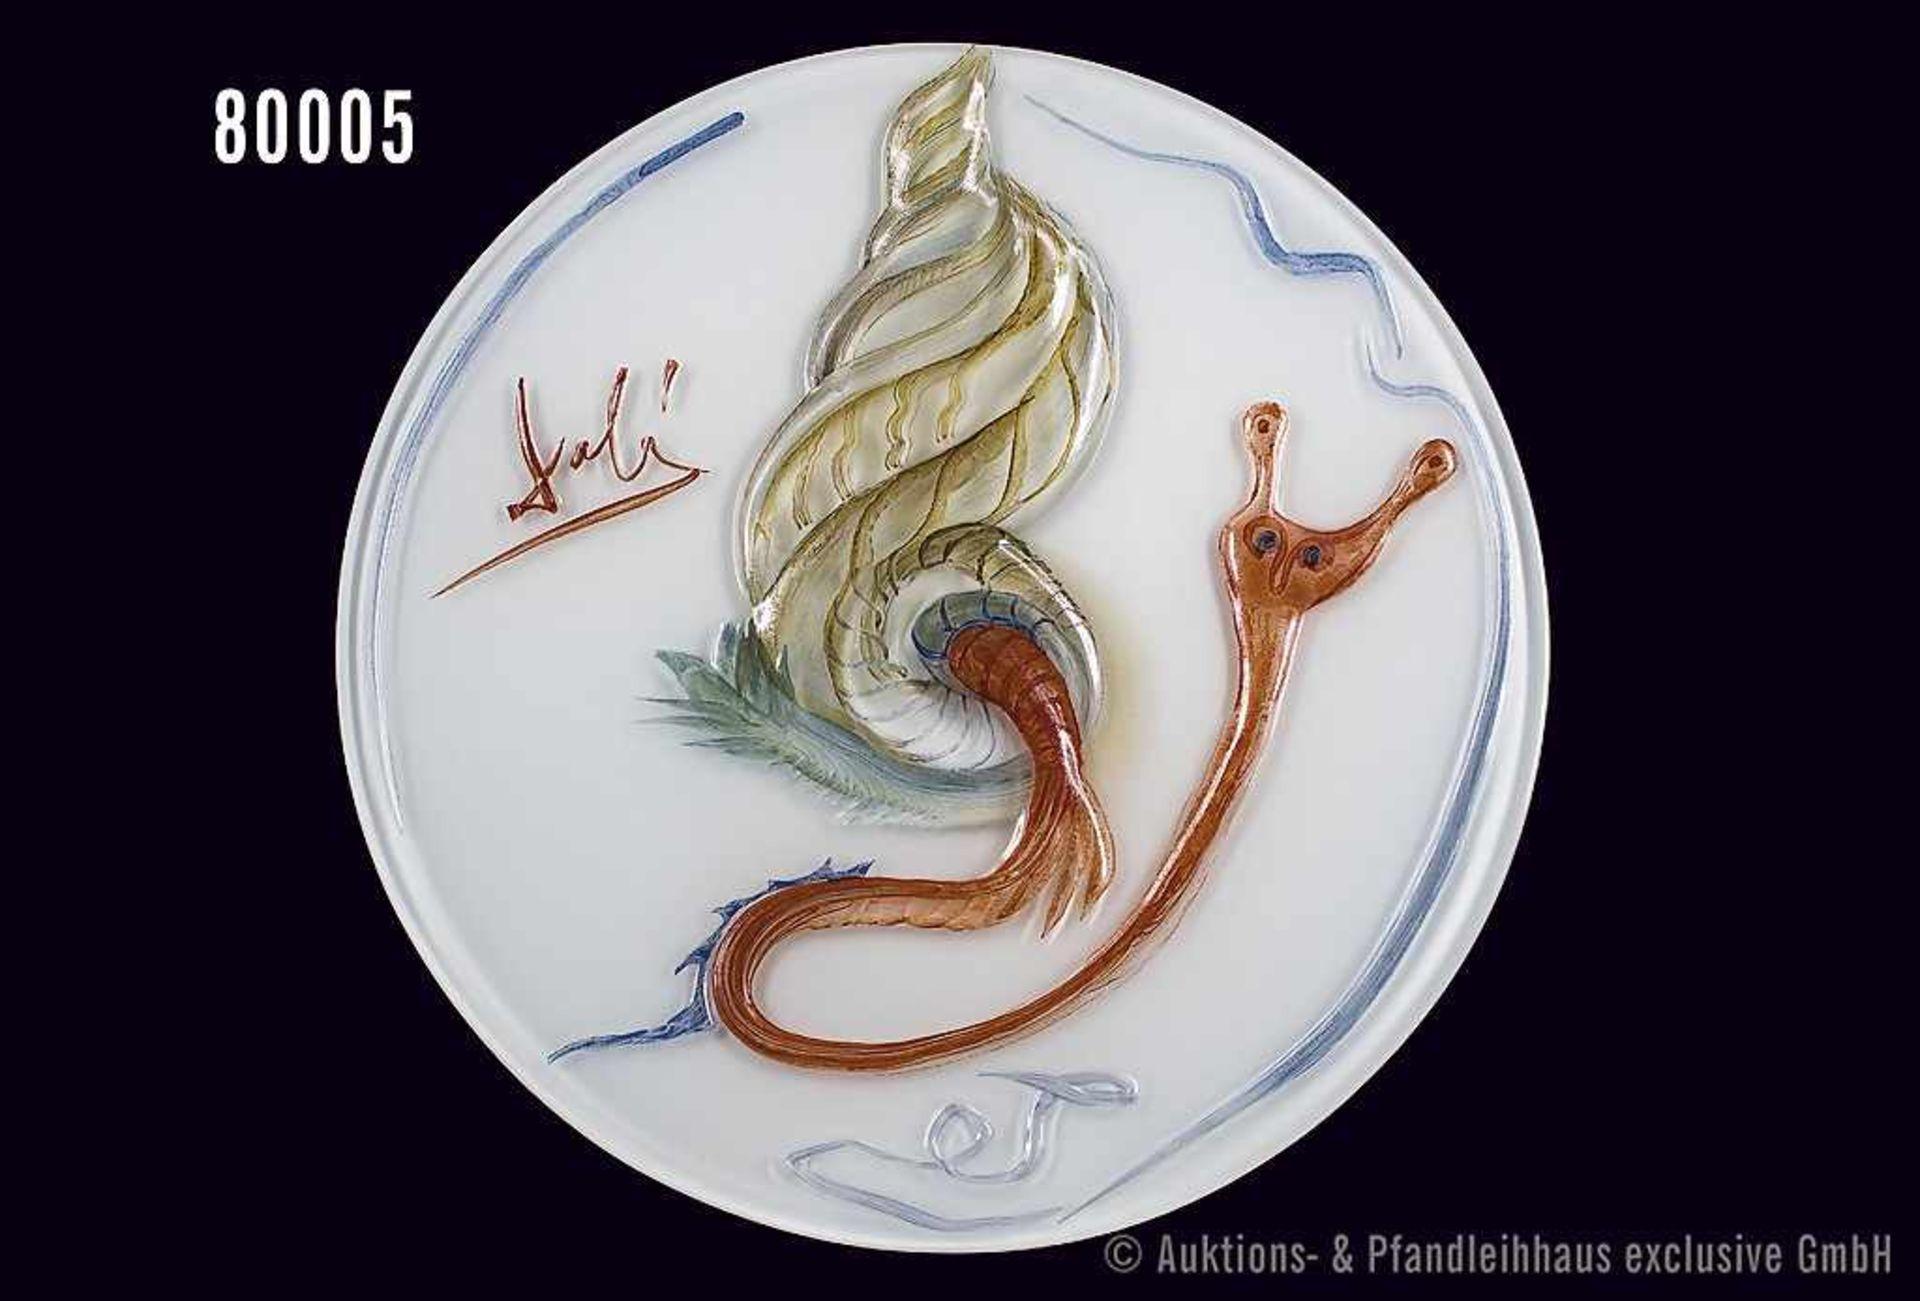 Rosenthal Porzellan, Jahresteller in Glas 1979, (Jubiläumsjahr 100 Jahre Rosenthal), Motiv